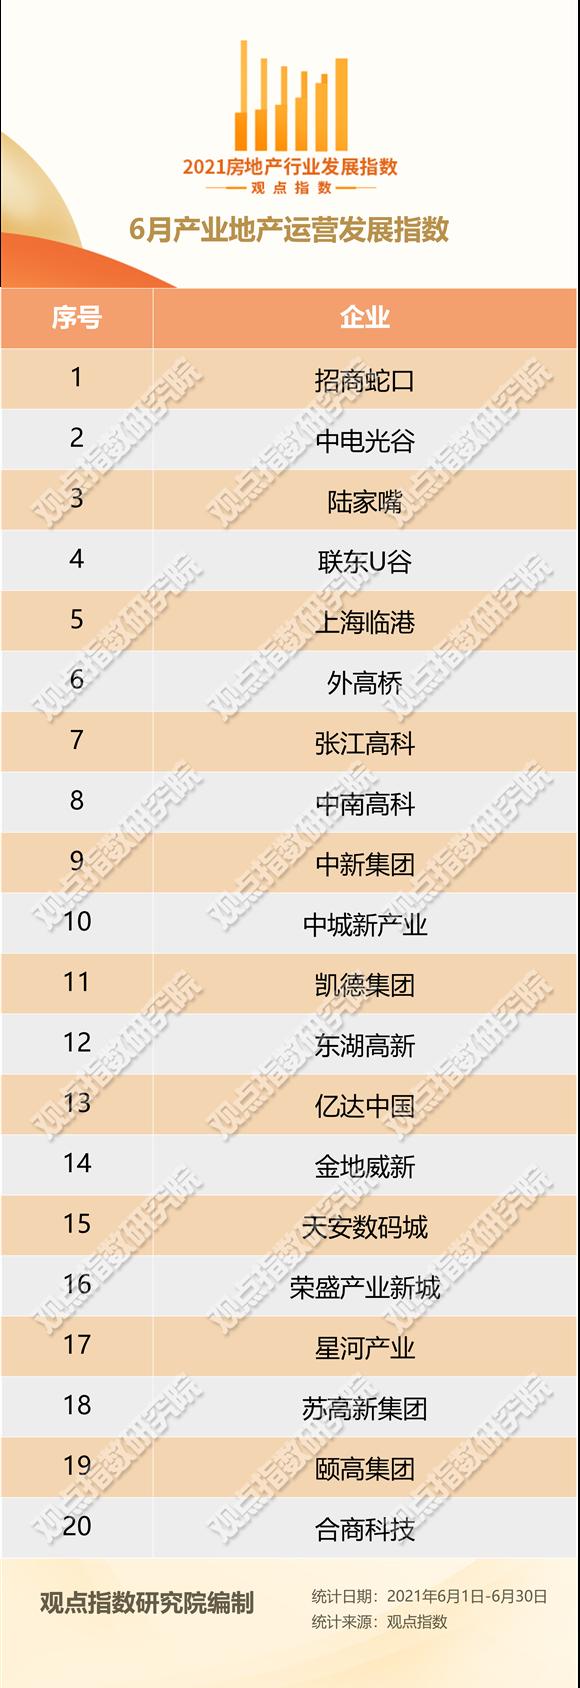 6月产业地产运营发展报告·观点月度指数